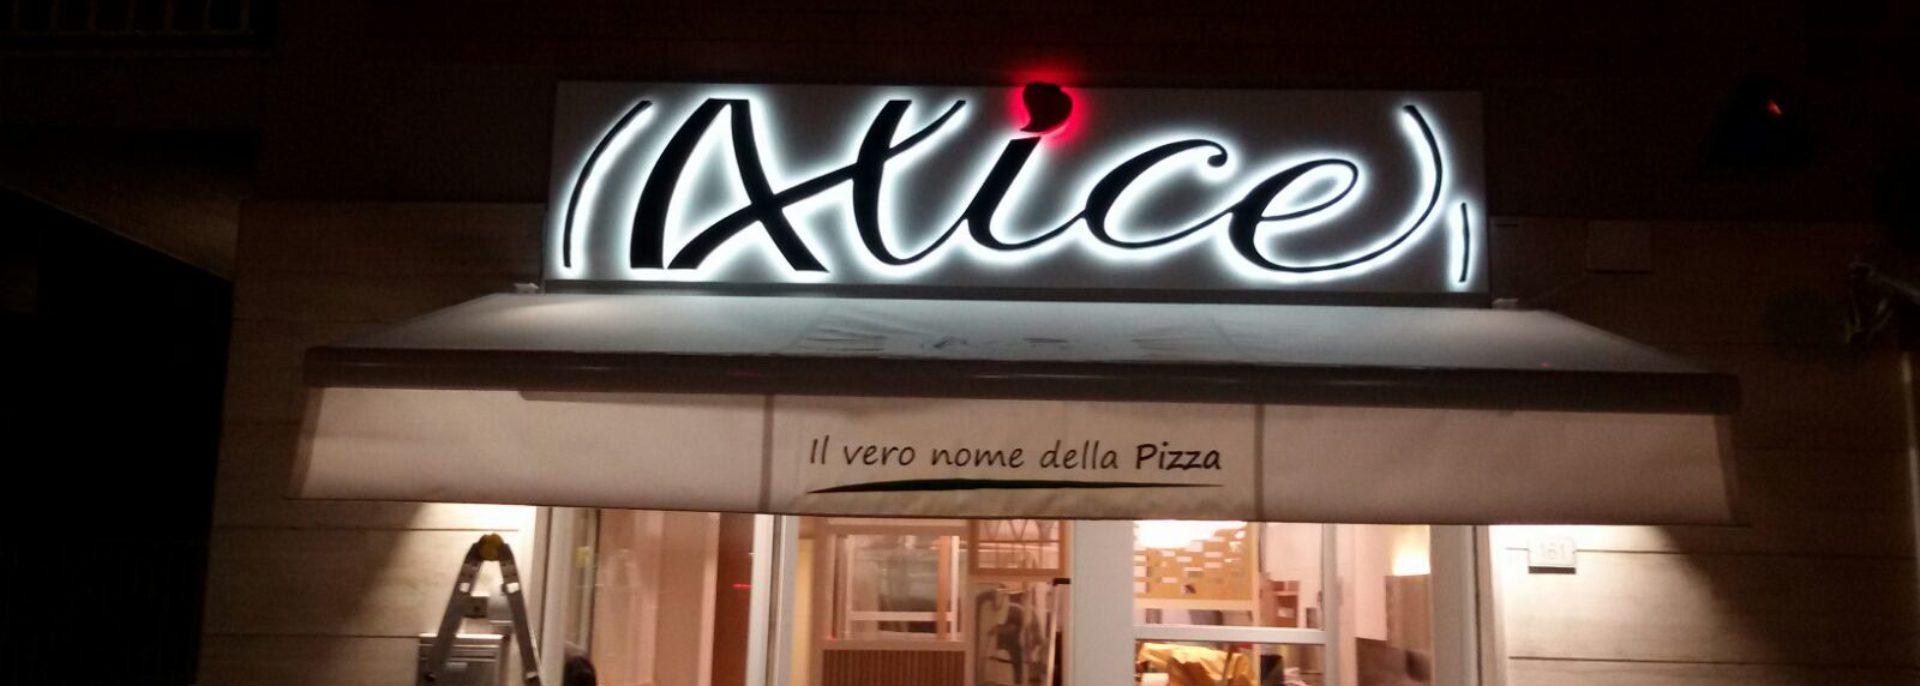 Insegne luminose Roma